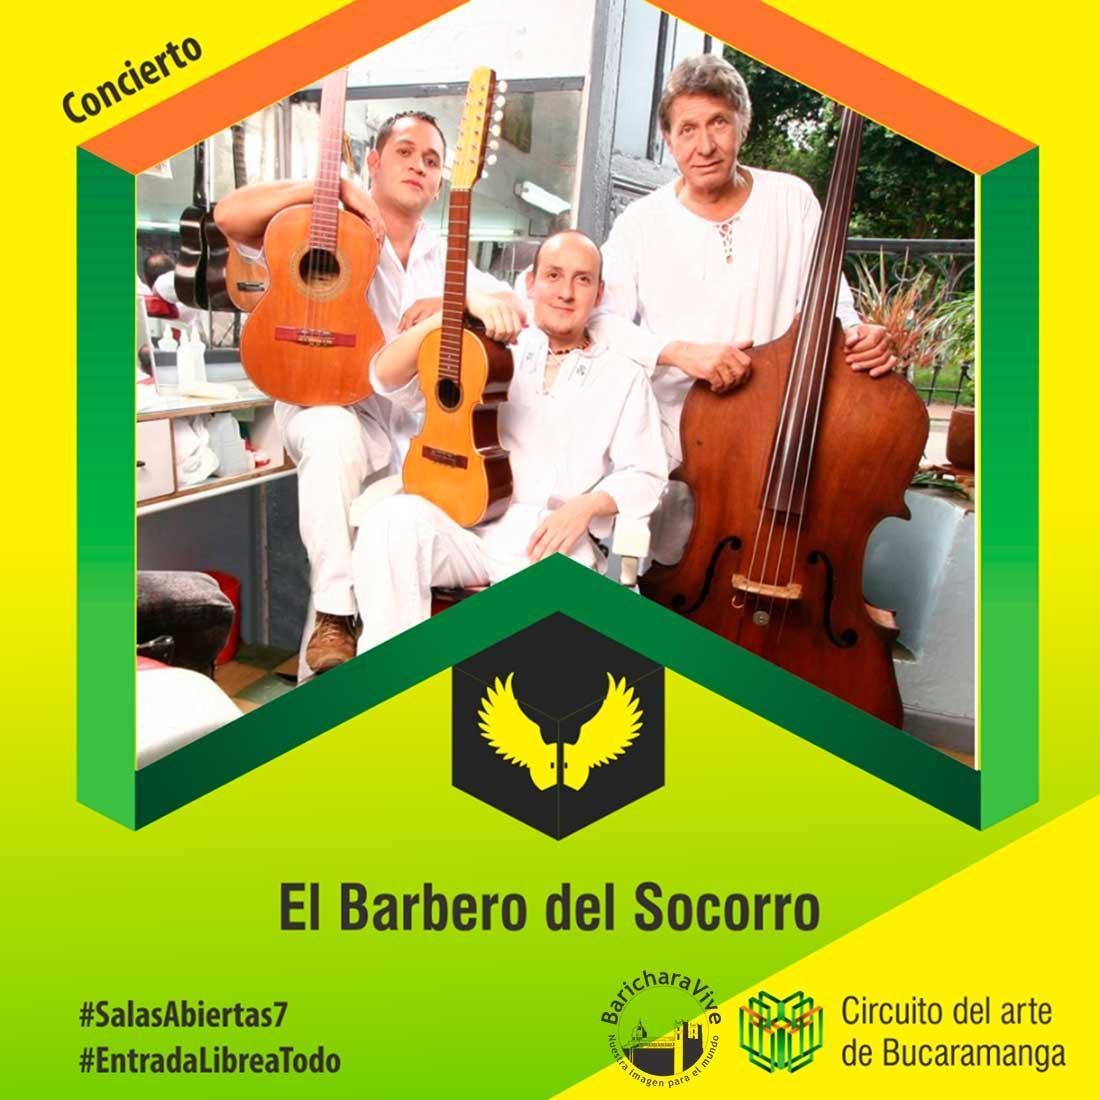 el-barbero-del-socorro-7a-edicion-el-centro-con-las-salas-abiertas-bucaramanga-2017